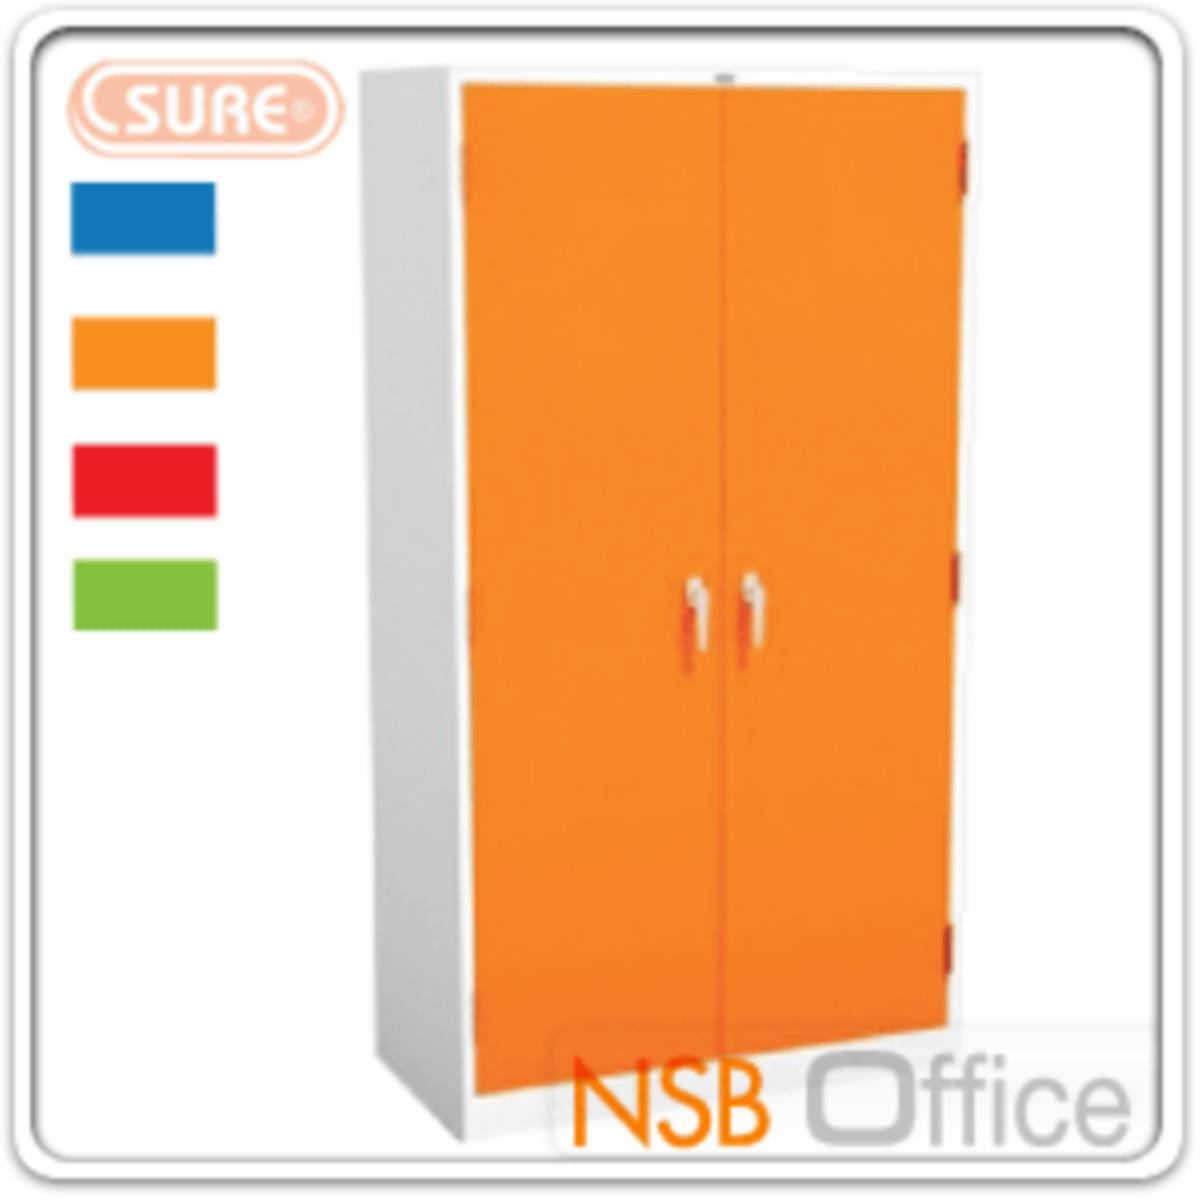 ตู้เหล็ก 2 บานเปิดทึบสูง 182.9H cm. รุ่น SURE-CLK-1 หน้าบานสีสัน (มือจับบิด)